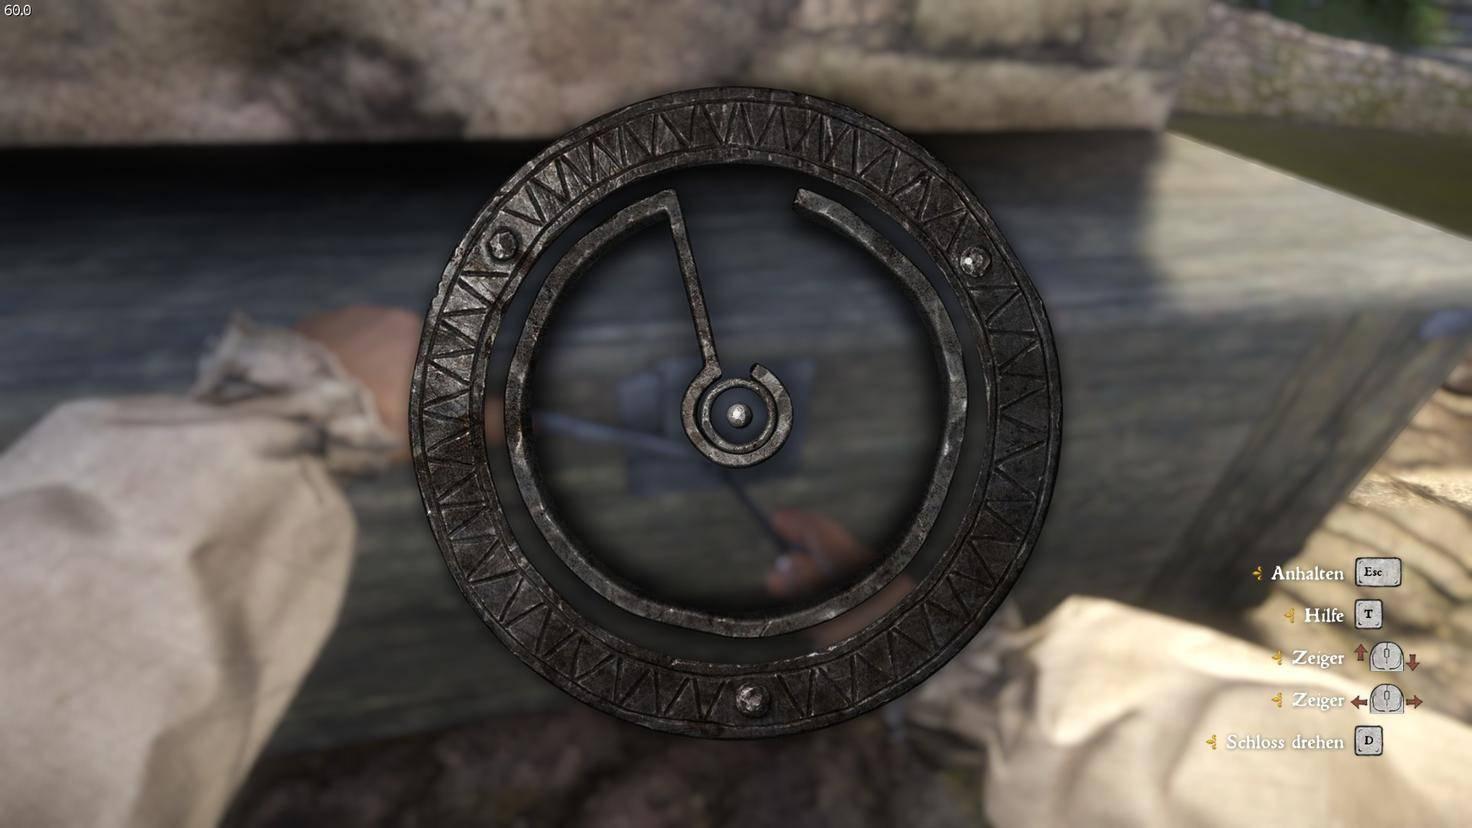 """Das Knacken von Schlössern und Türen ist in """"Kingdom Come: Deliverance"""" ein riskanter, aber einträglicher Weg zum schnellen Reichtum."""